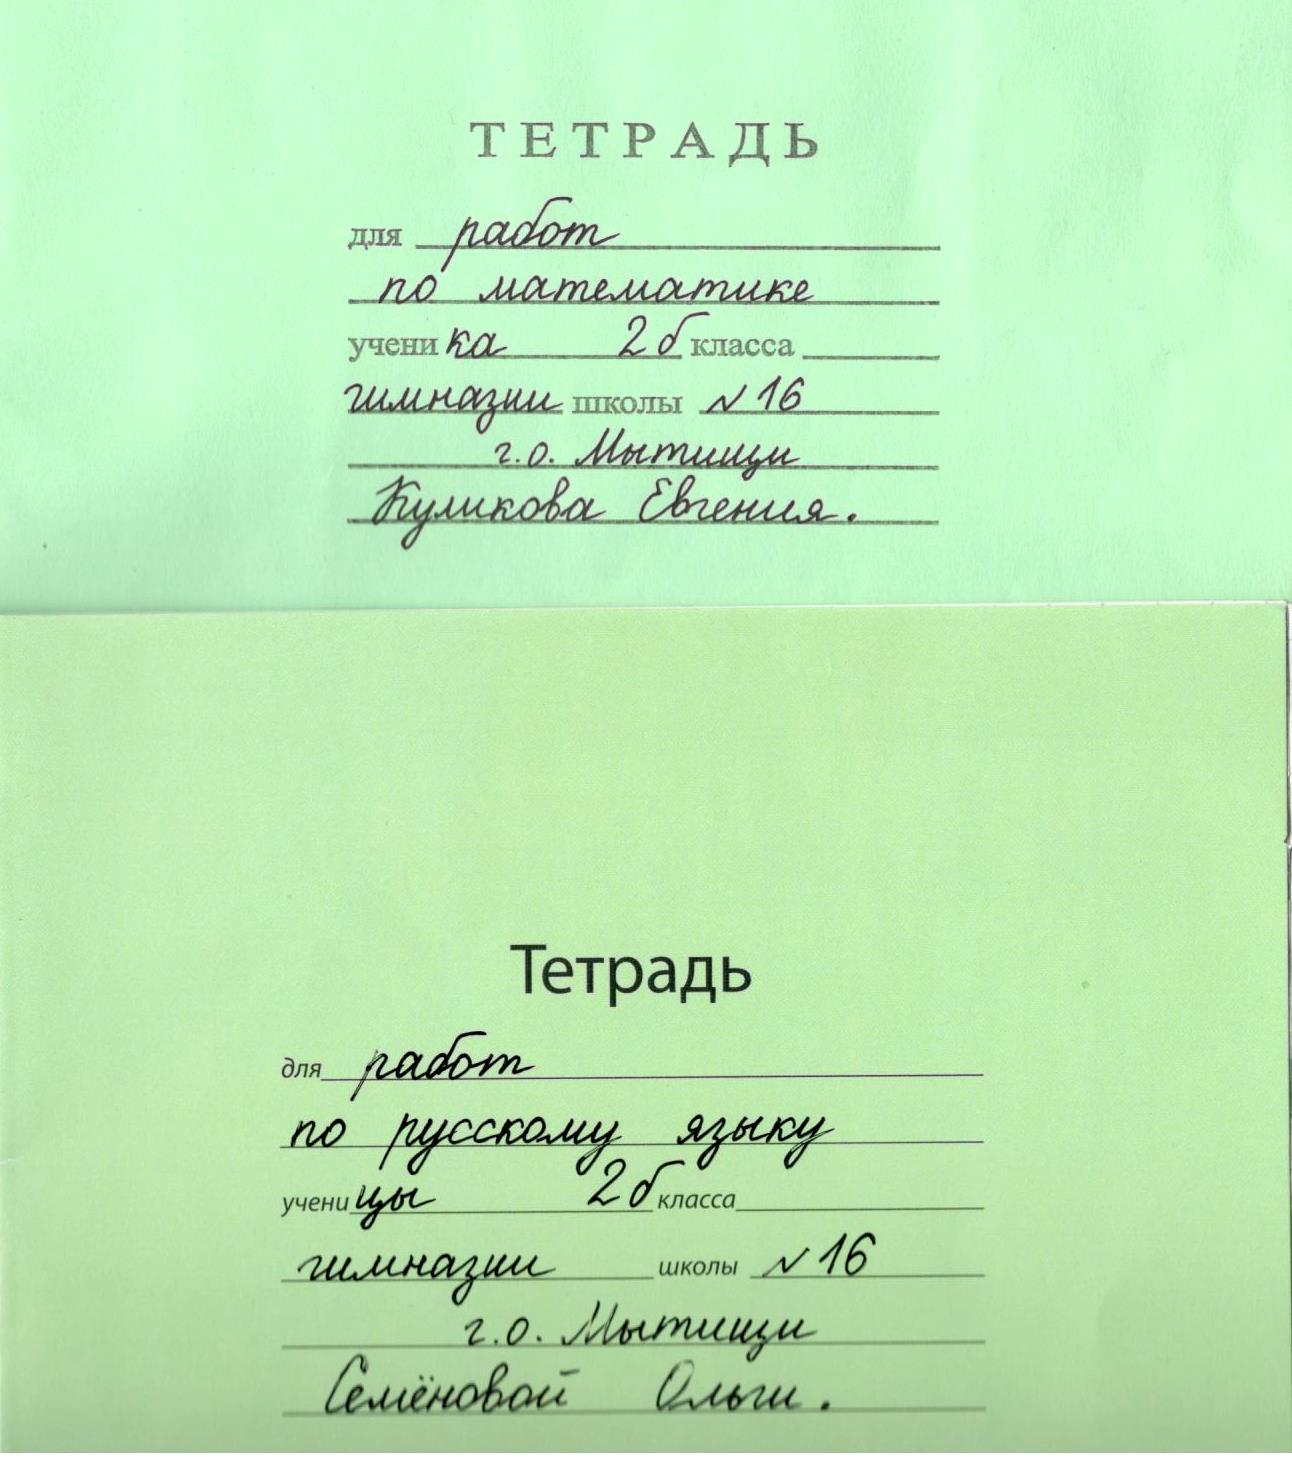 Открытки, картинки как подписать тетрадку на английском языке